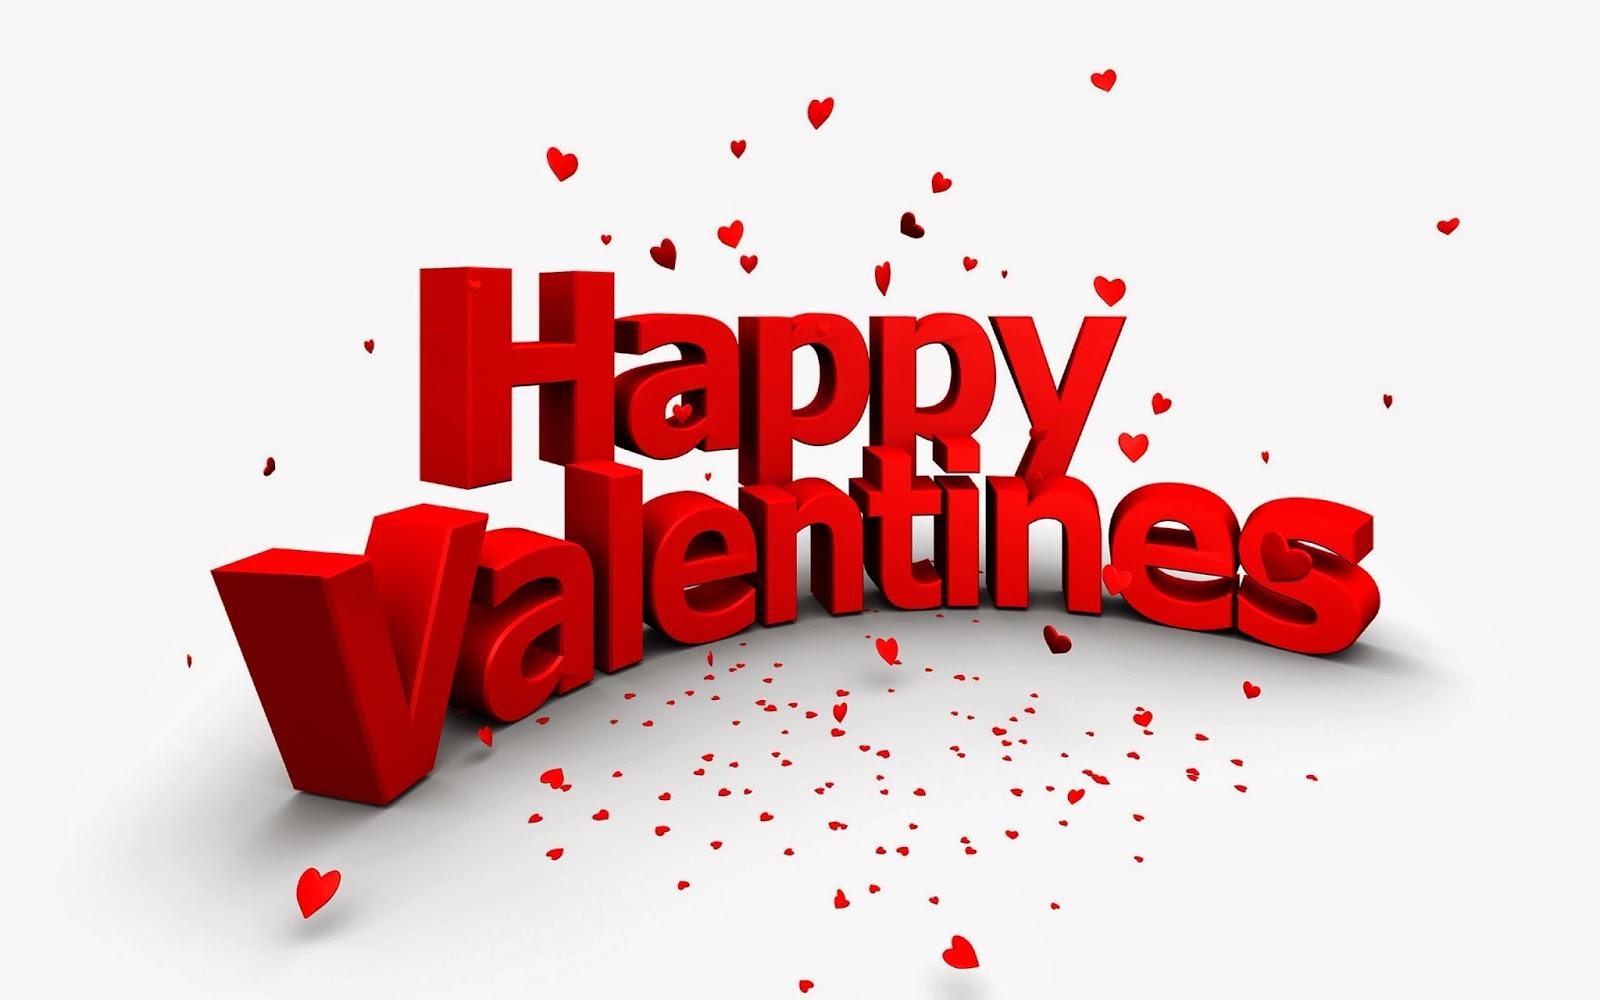 https://1.bp.blogspot.com/-I05qjbZ78aU/UsQ8iCwAI2I/AAAAAAAAAnQ/nxdq49xnPk4/s1600/valentines-day-wallpaper.jpg